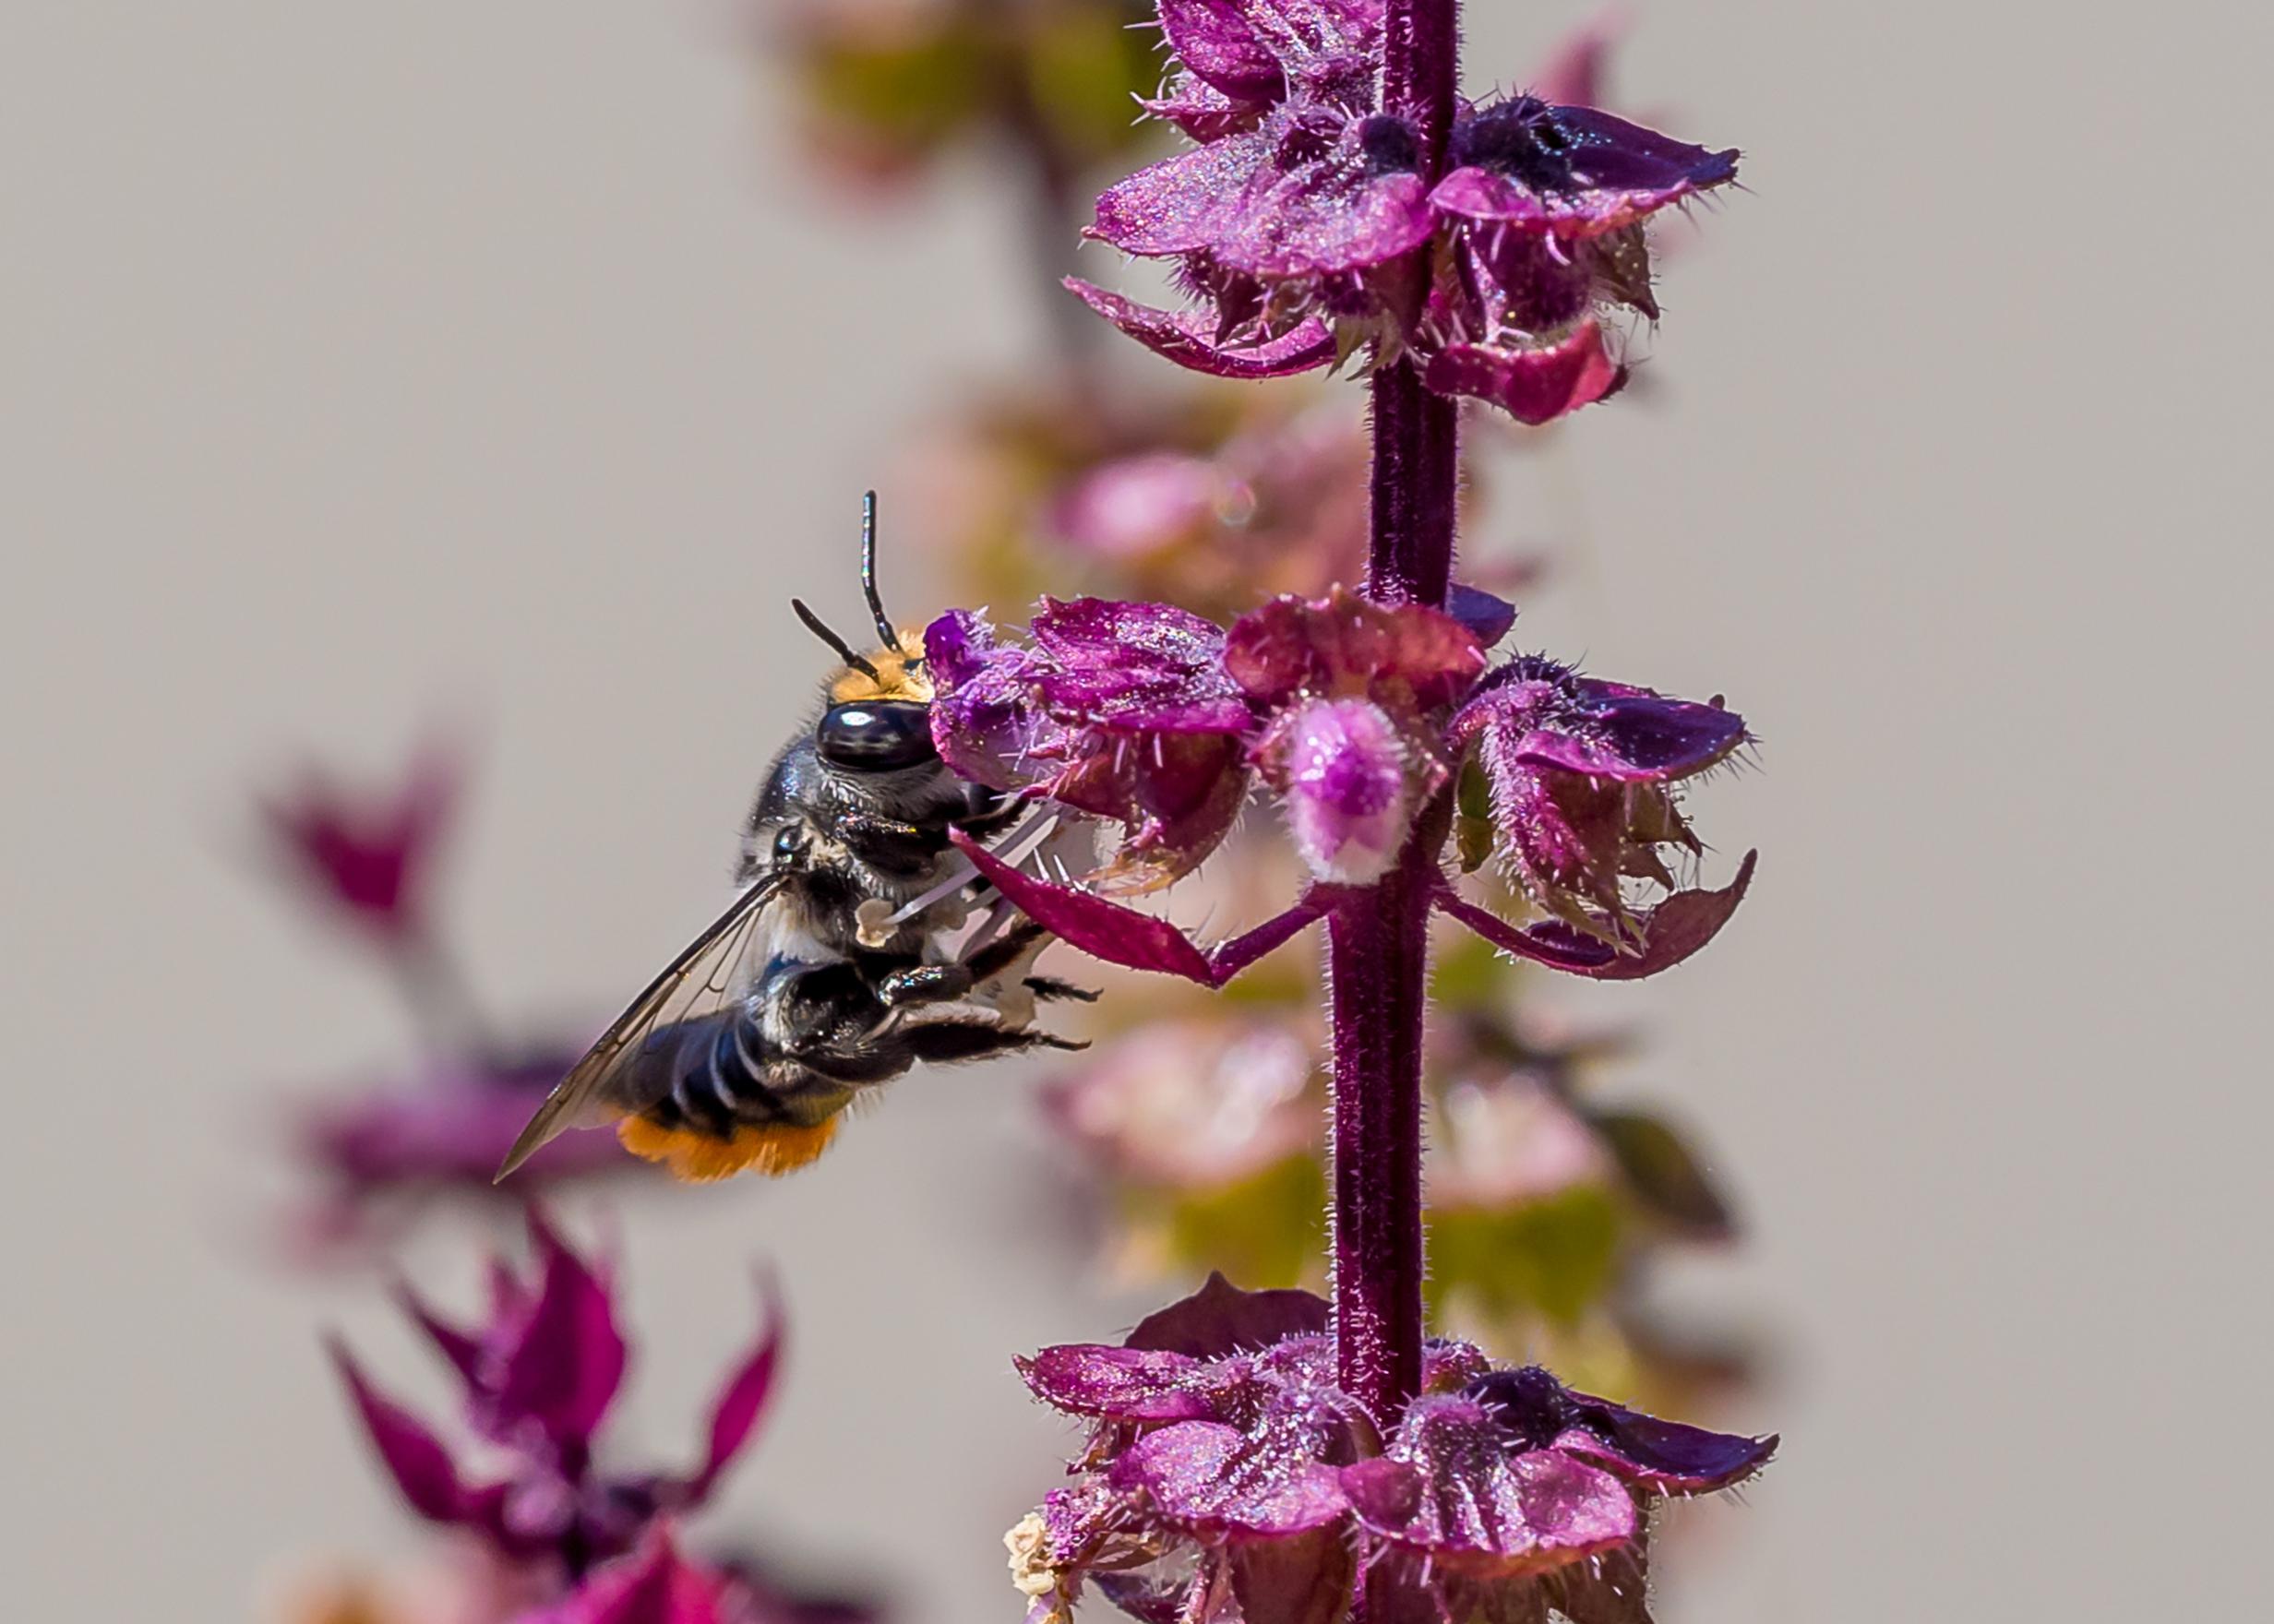 Australian Leaf Cutter Bee